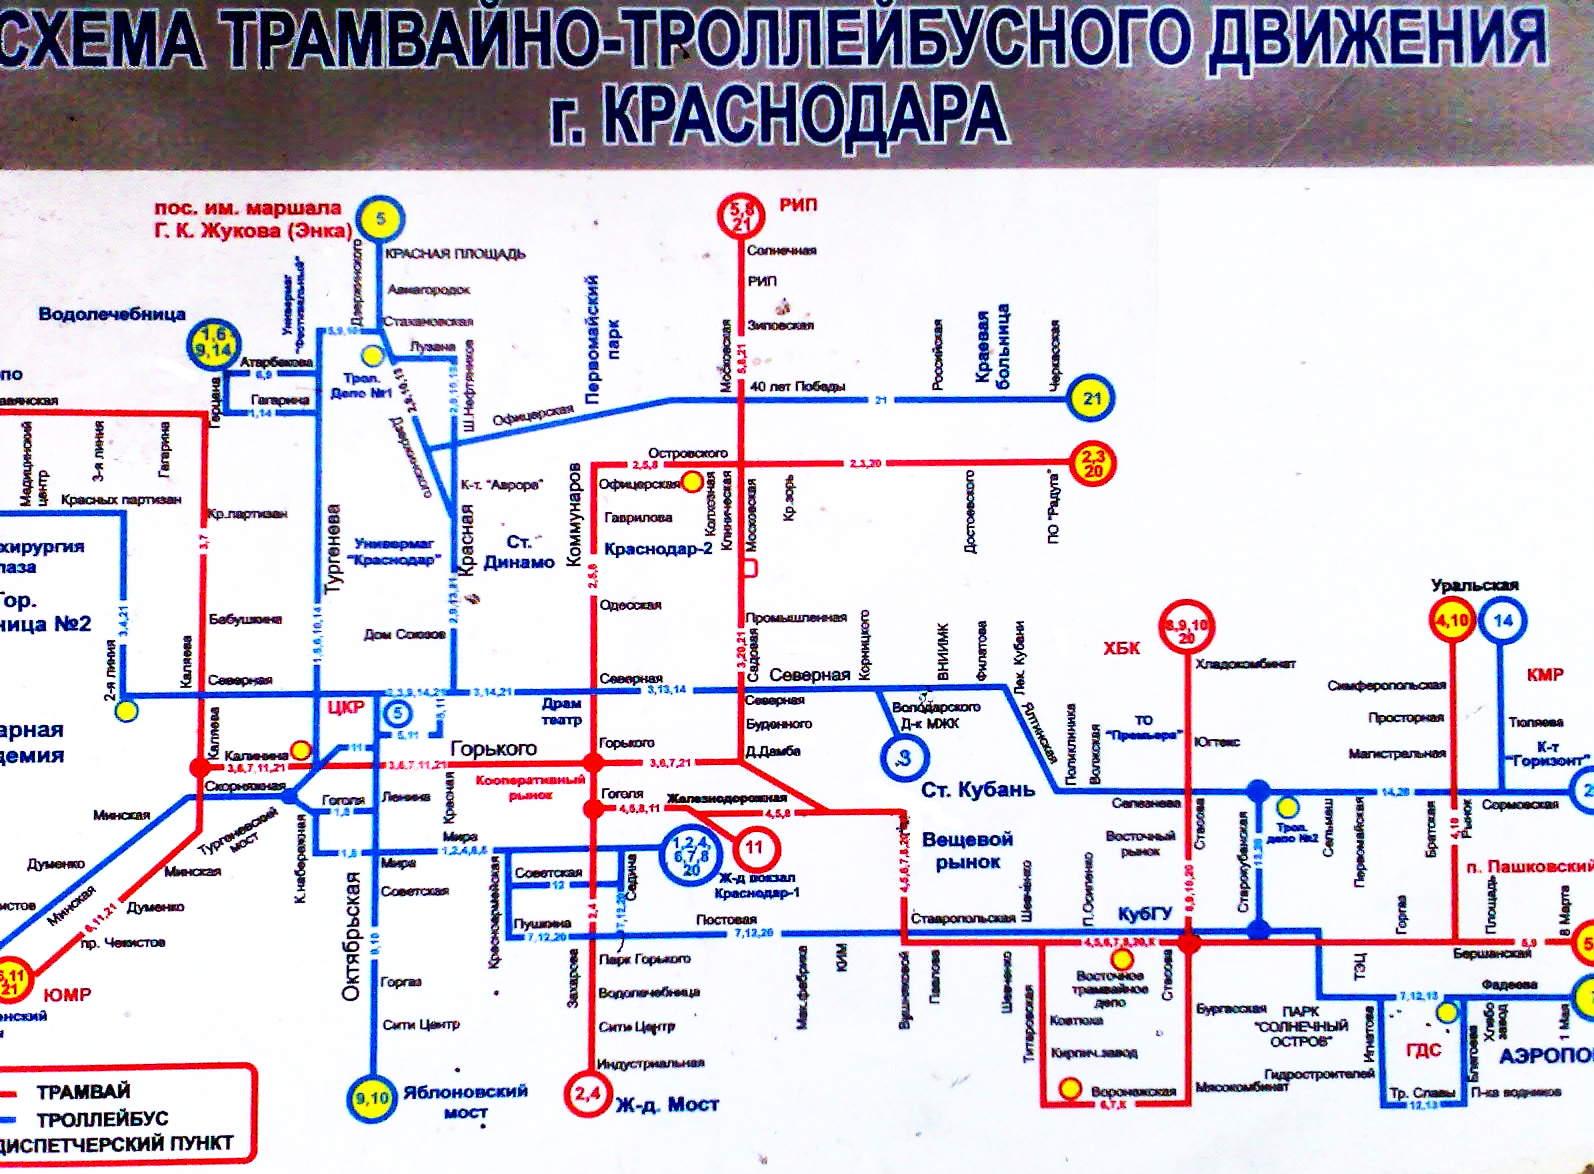 Краснодар схема трамвайных маршрутов